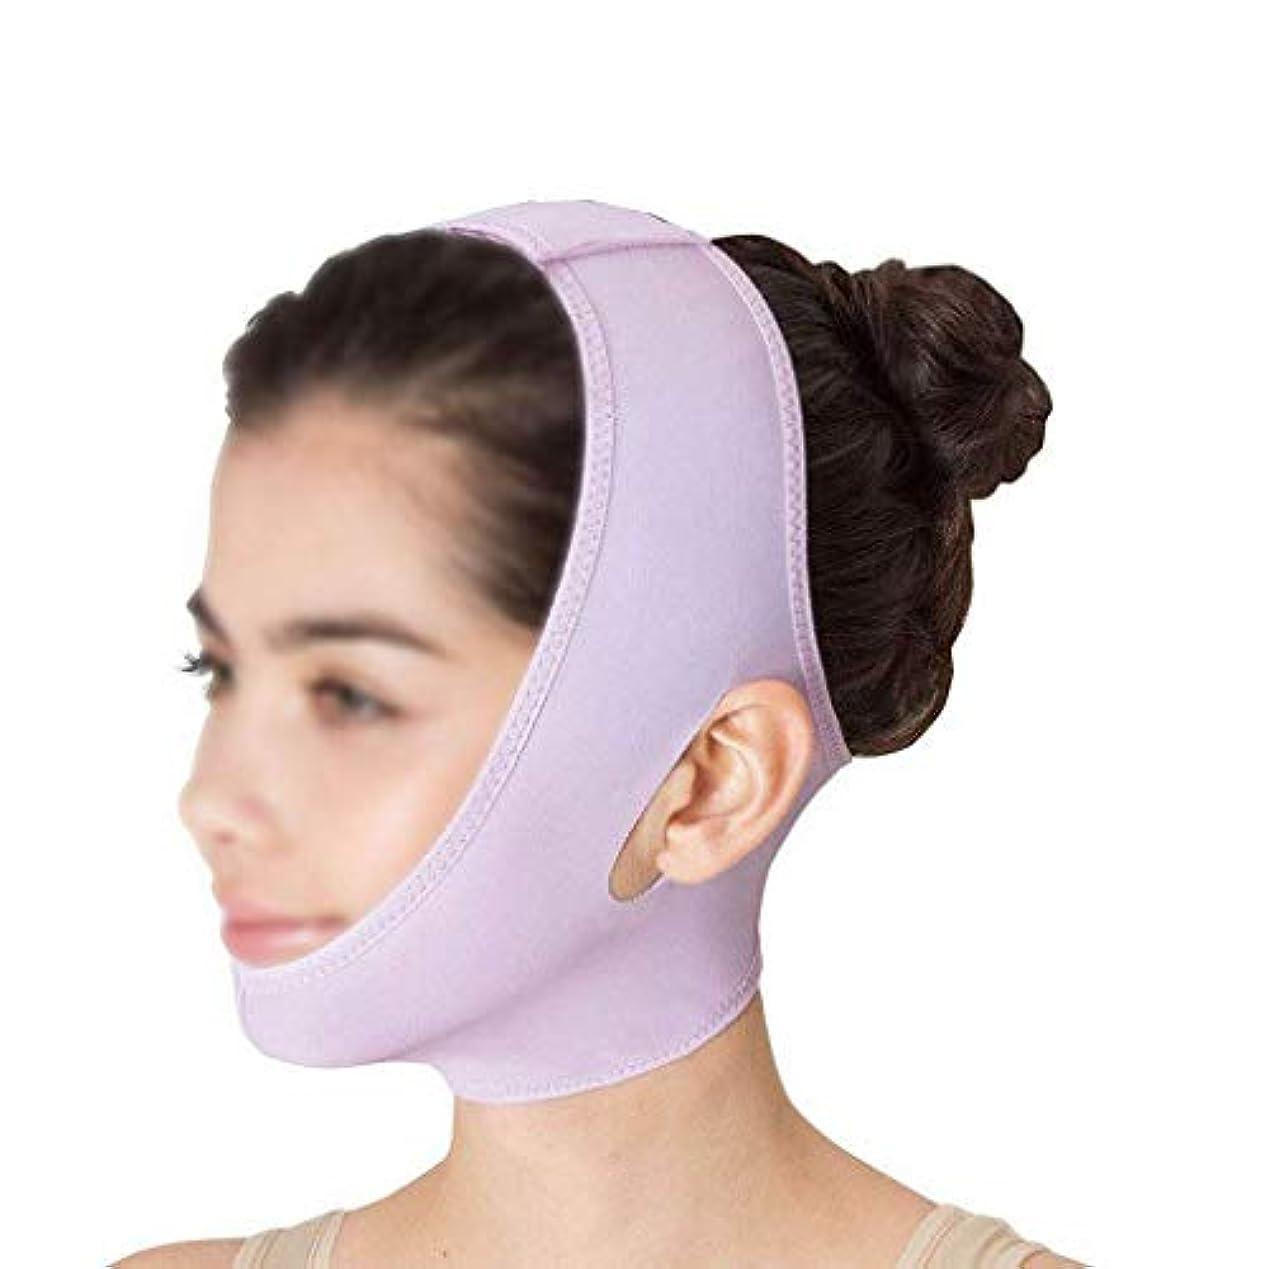 赤面シャット流星薄いフェイスマスク ビームフェイス、薄いダブルチンでスリーピングマスクの下の頬を防ぎ、小さなVフェイスを作成